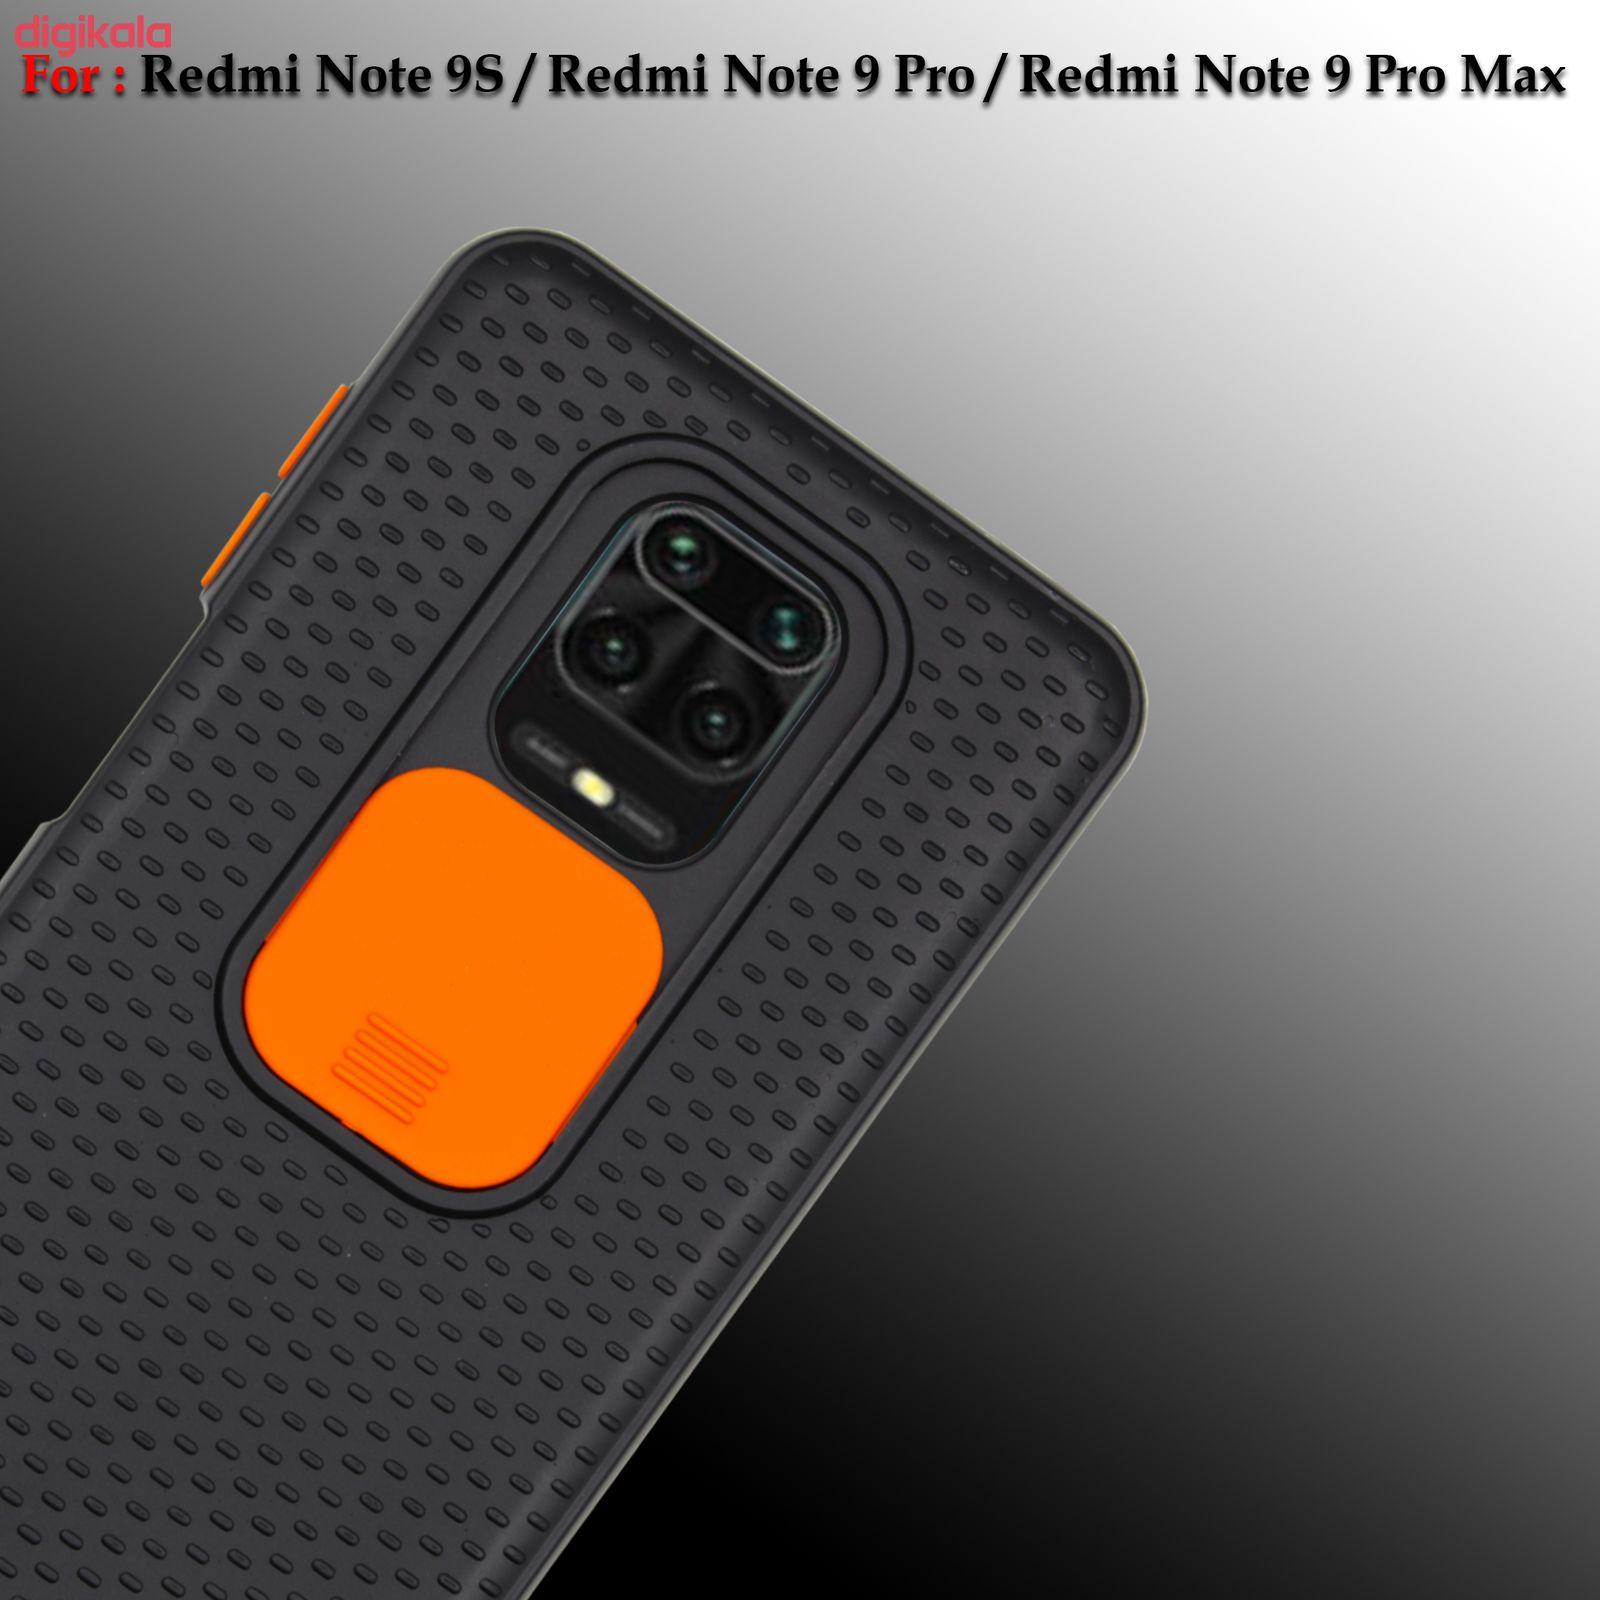 کاور کینگ پاور مدل X21 مناسب برای گوشی موبایل شیائومی Redmi Note 9S / Note 9 Pro / Note 9 Pro Max main 1 7